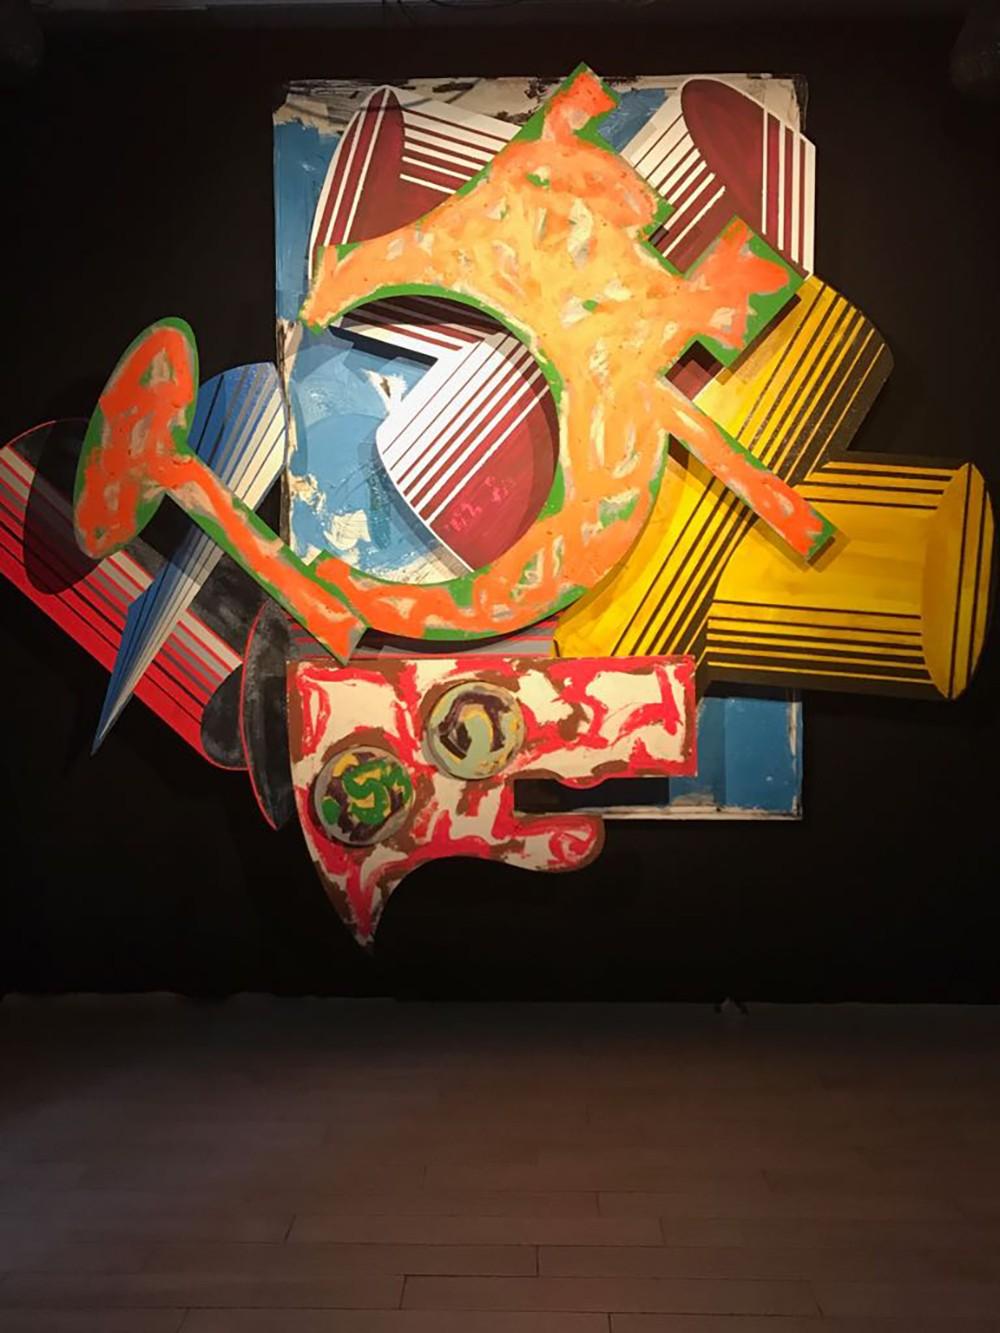 """فن أبوظبي يحتفل بعشر سنوات من خلال سلسلة """"آرتس إن موشن"""""""